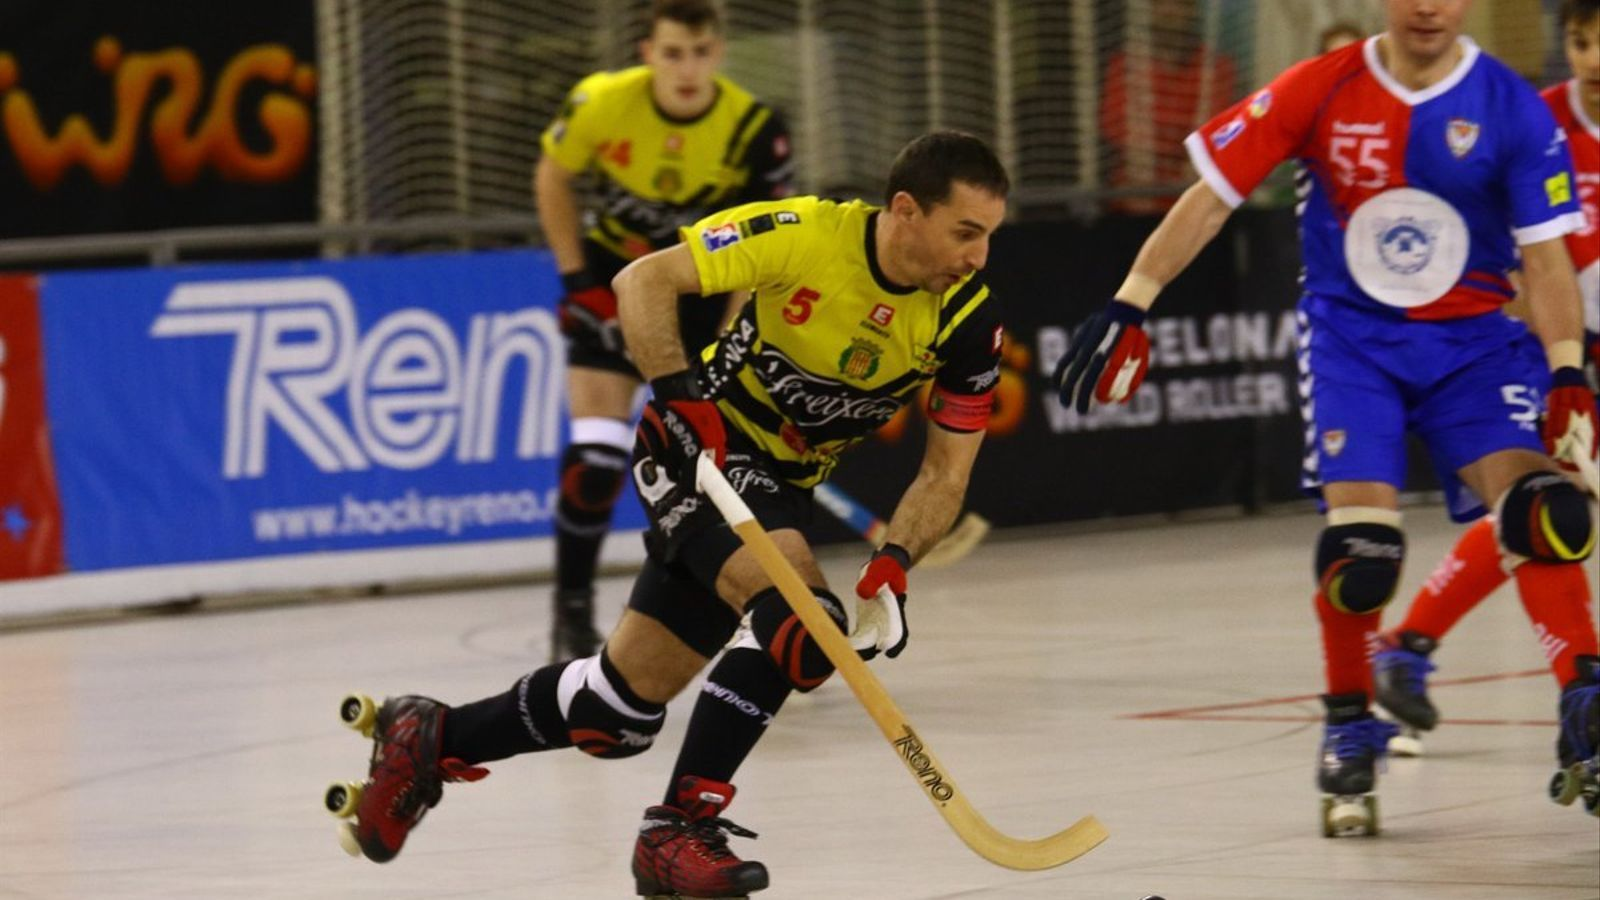 L'Igualada Rigat, primer semifinalista de la Copa del Rei d'hoquei patins (0-3)